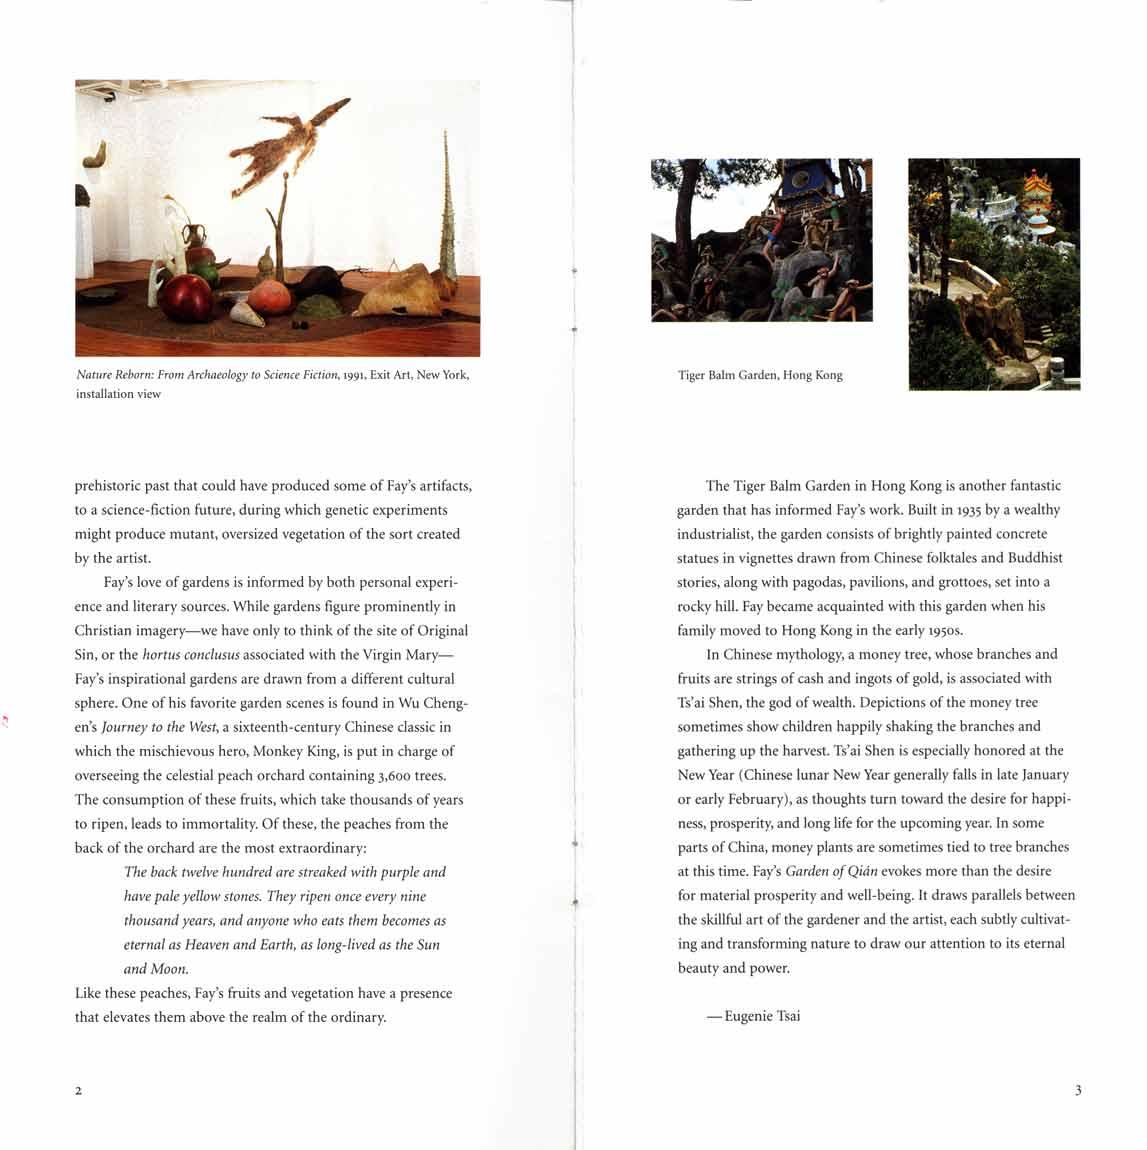 Garden of Qian, brochure, pg 3